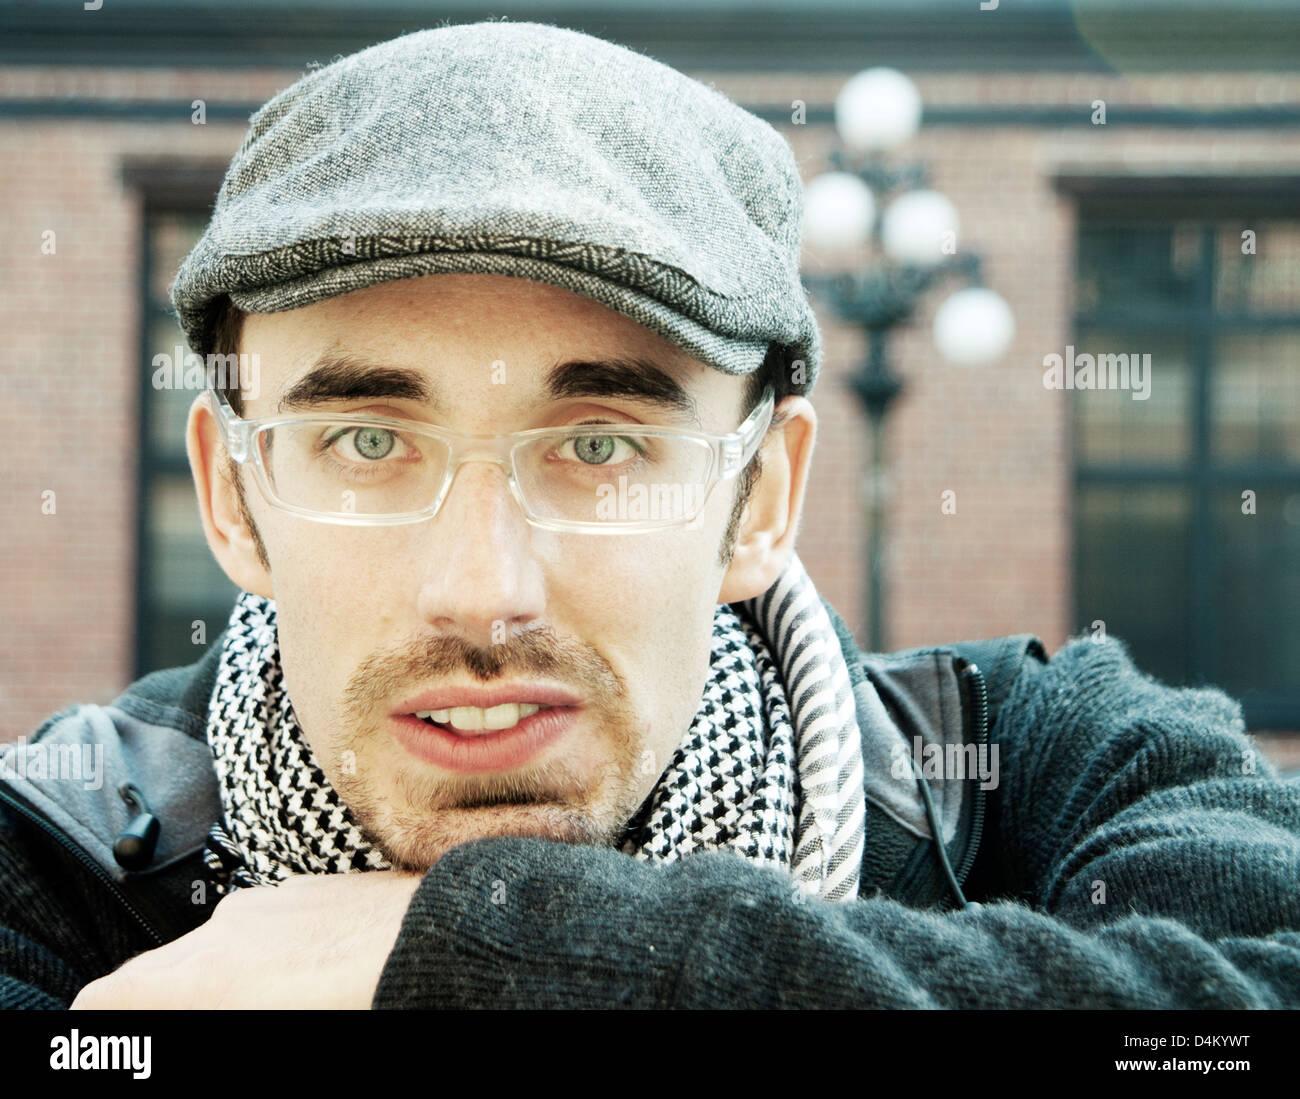 Kopf und Schultern Porträt des Mannes im freien trendigen Hut und Blick direkt in die Kamera Stockbild